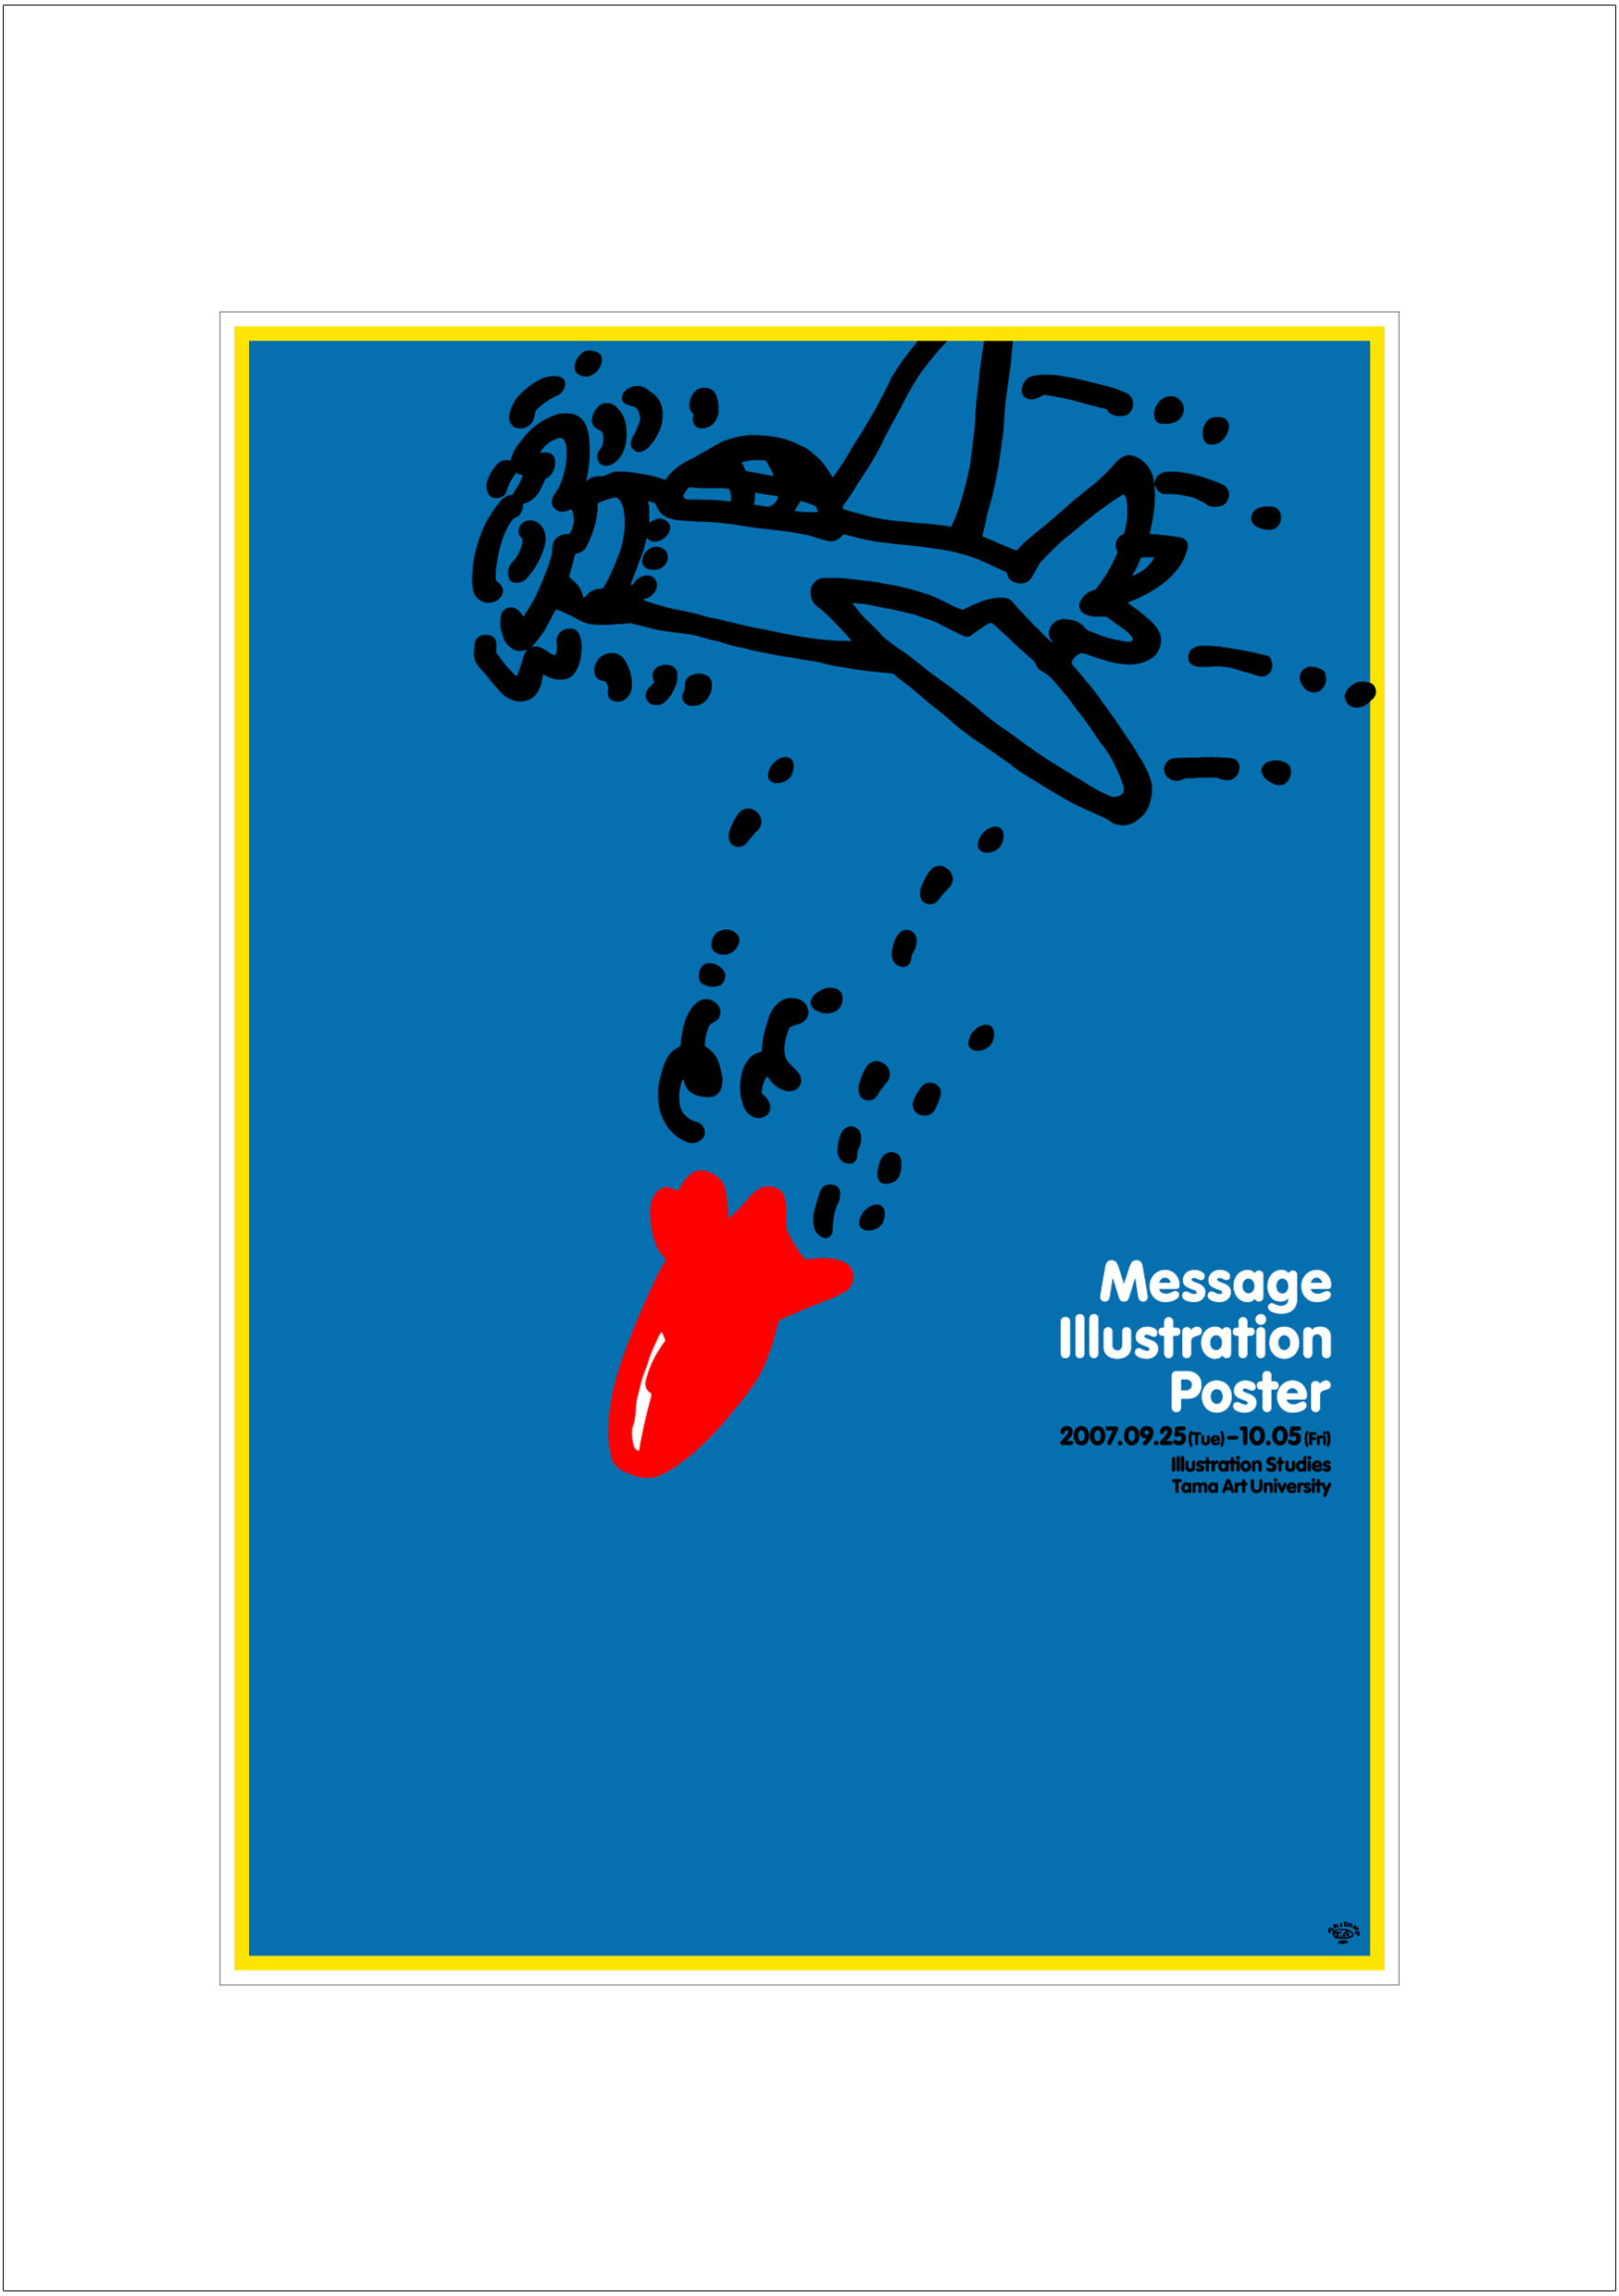 ポスターアーティスト秋山孝が2007年に制作したアートカード「アートカード ポスター 2007 10」